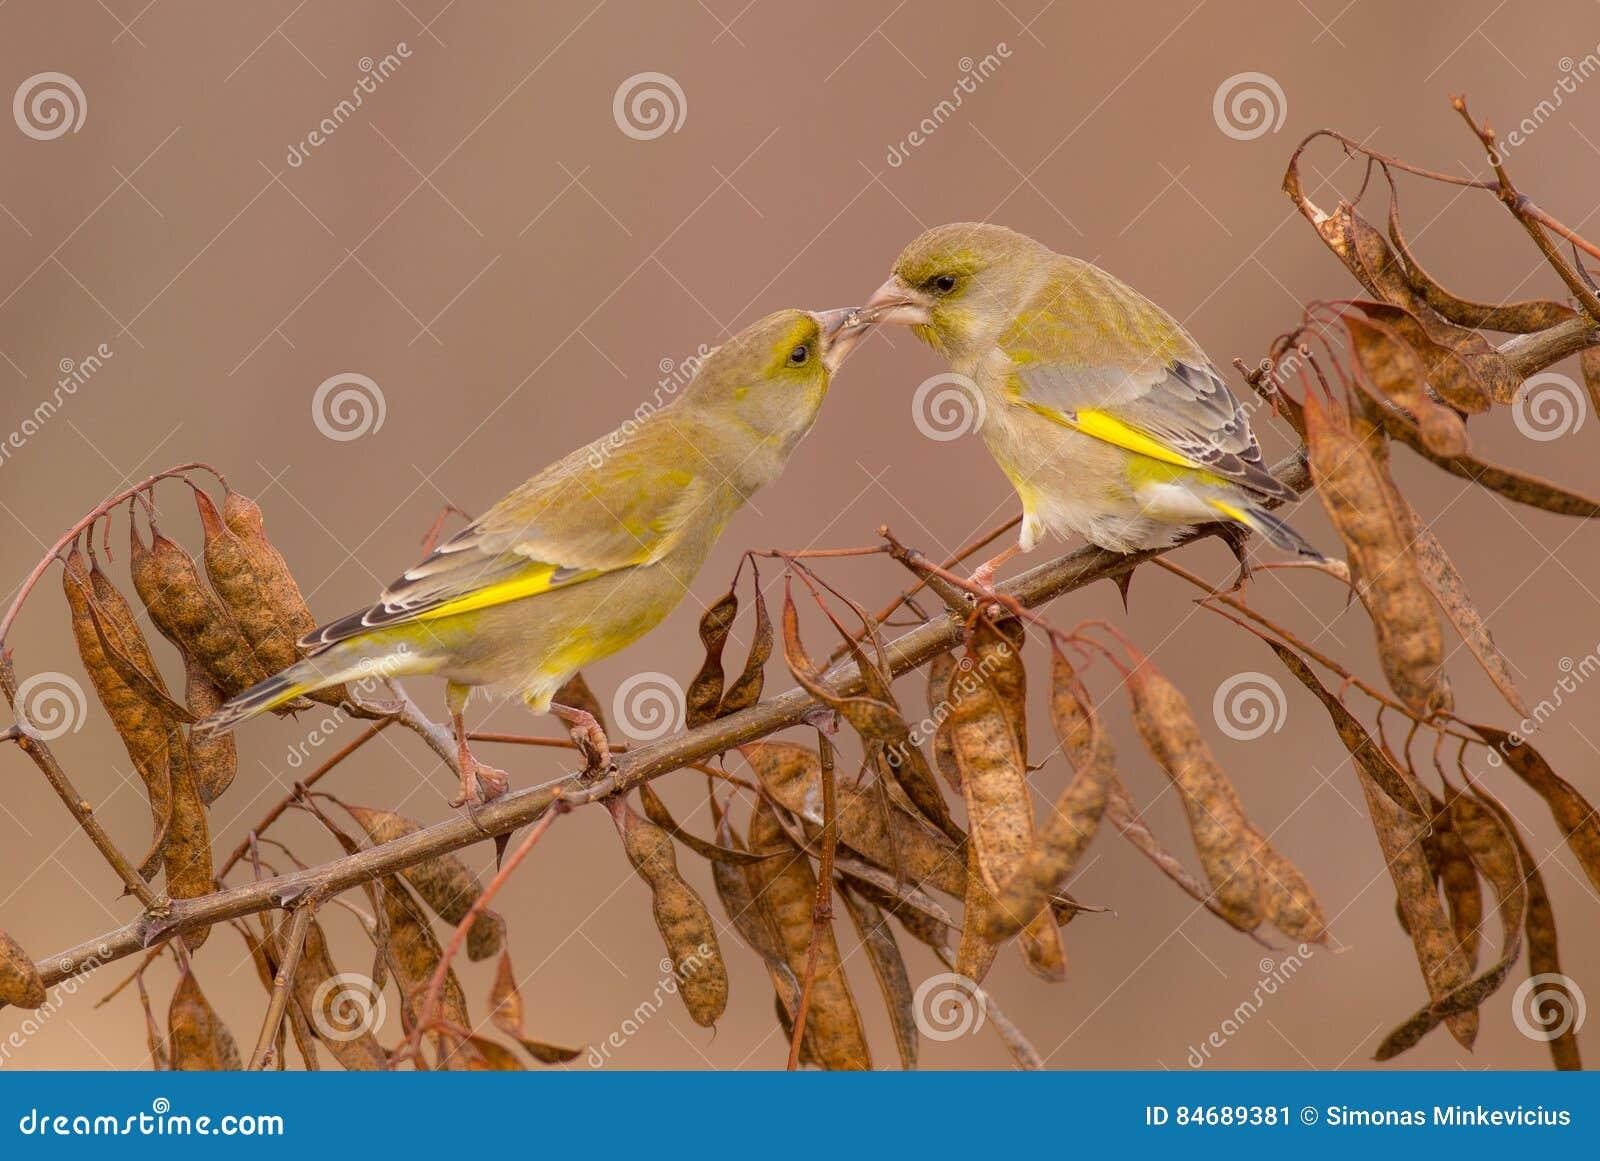 Ευρωπαϊκά chloris Greenfinch - Carduelis - αρσενικό